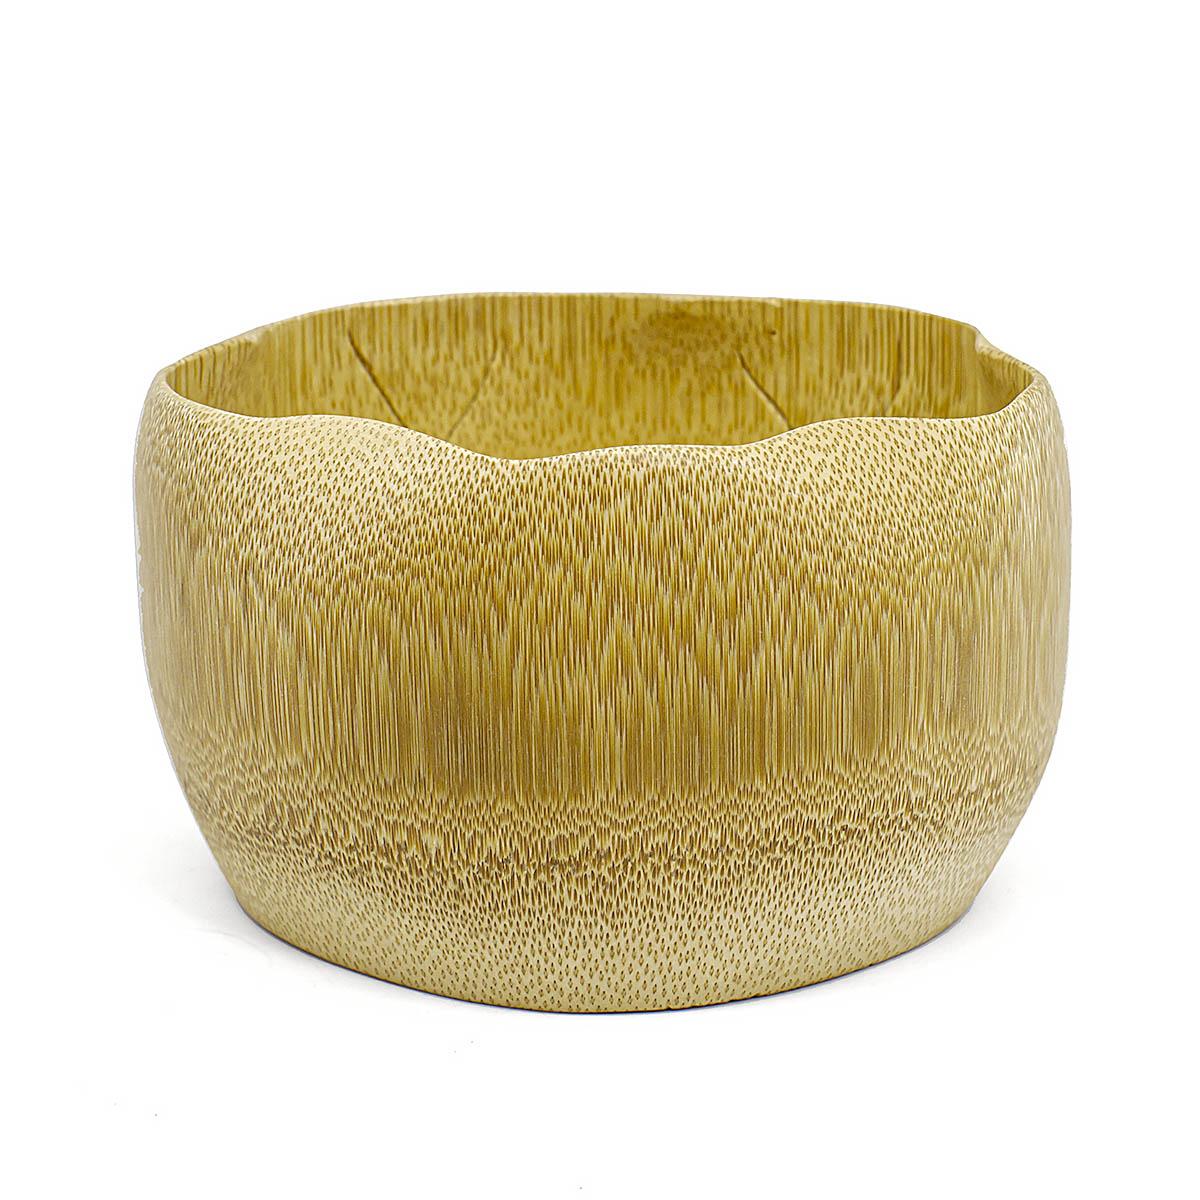 Чаша для матча бамбуковая, 300 мл чаша для матча керамическая сапфировая 500 мл